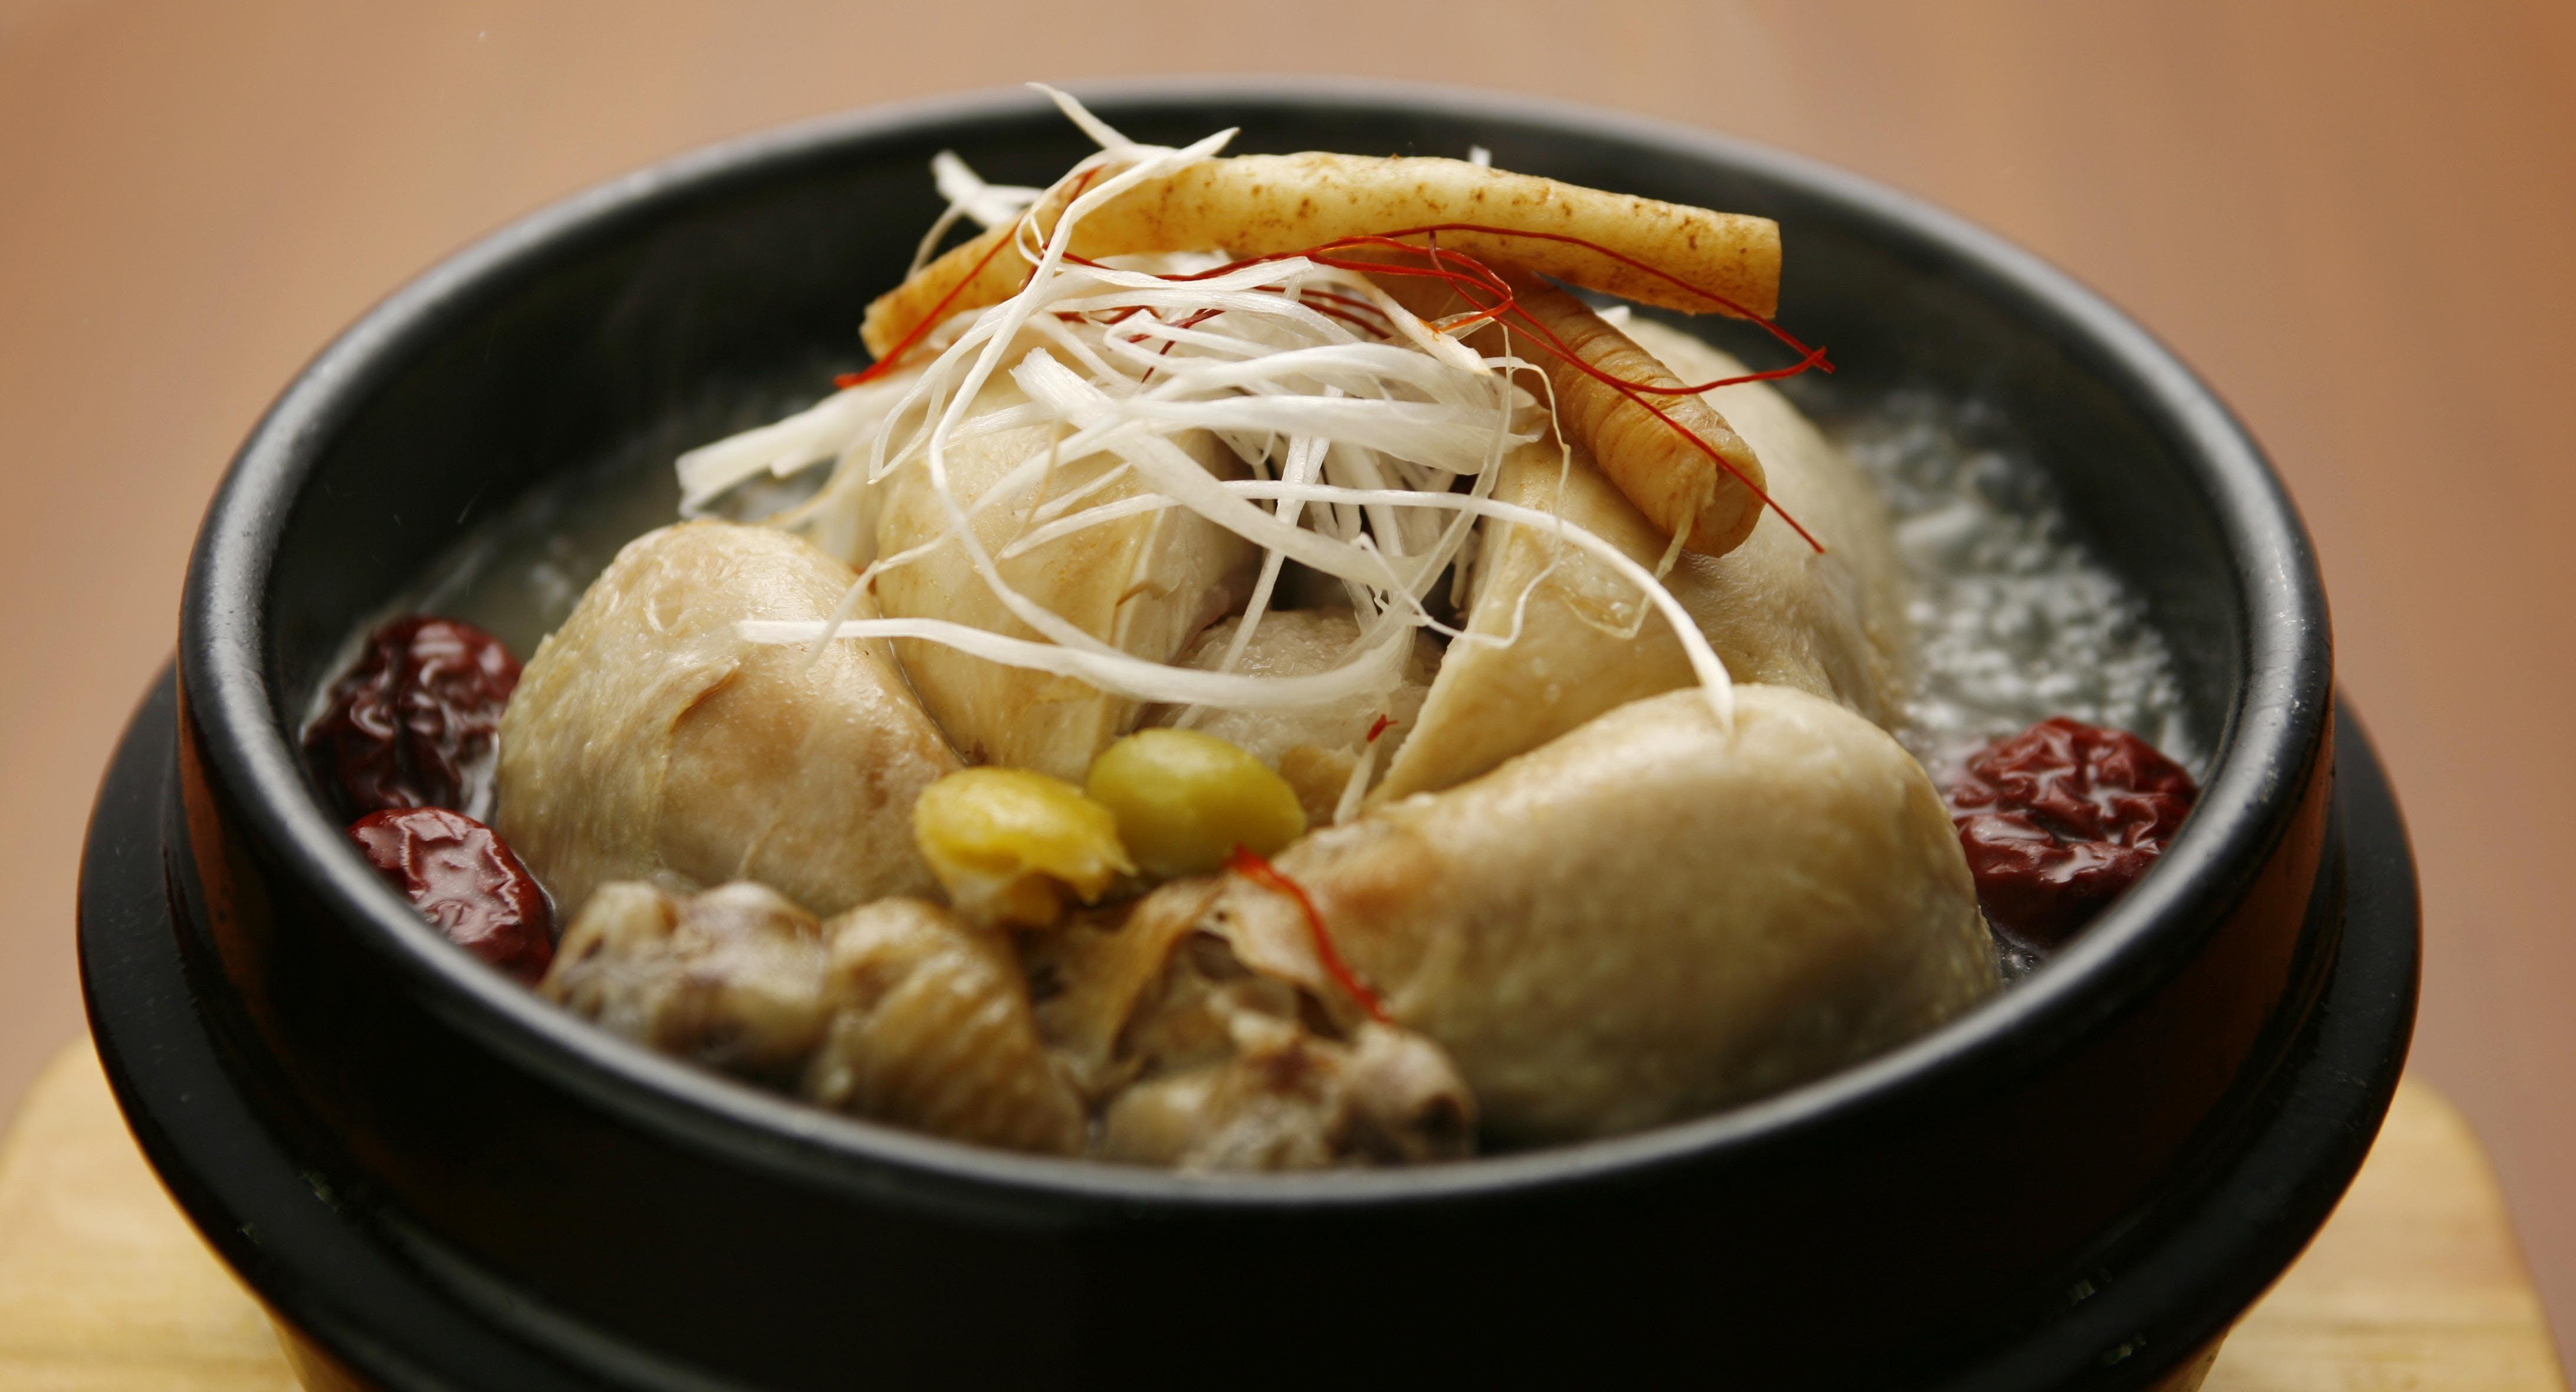 Das Kimchi Wien image 2